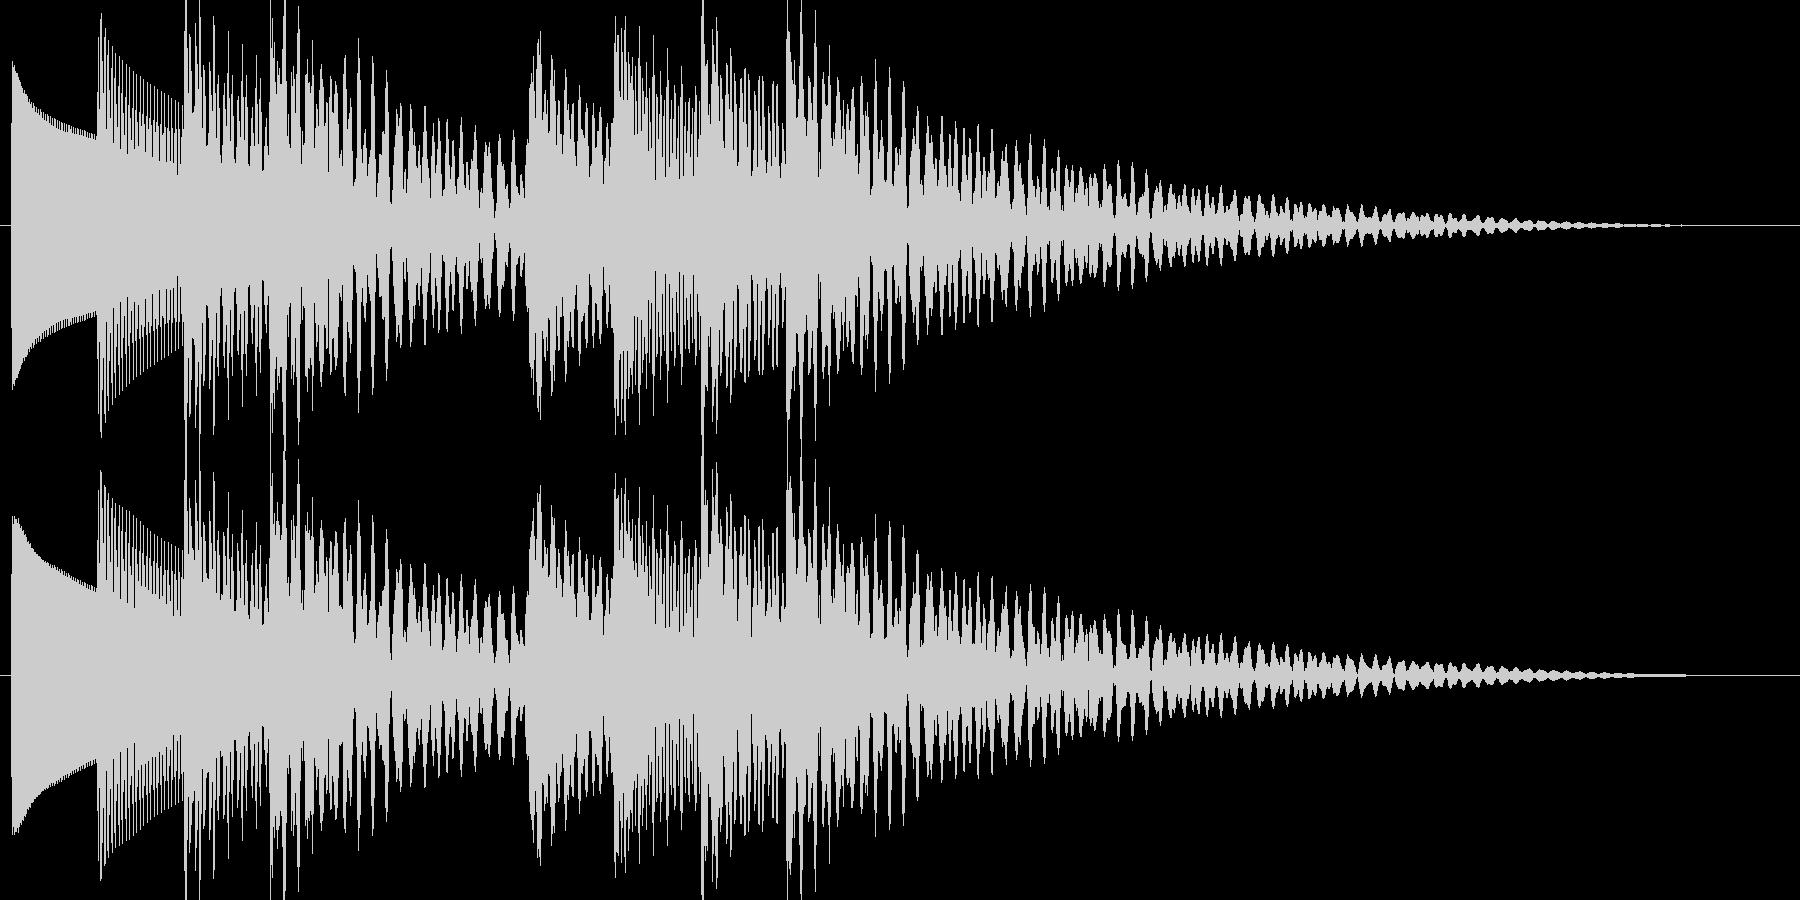 テロリラテロリラ(アラートに最適なベル)の未再生の波形